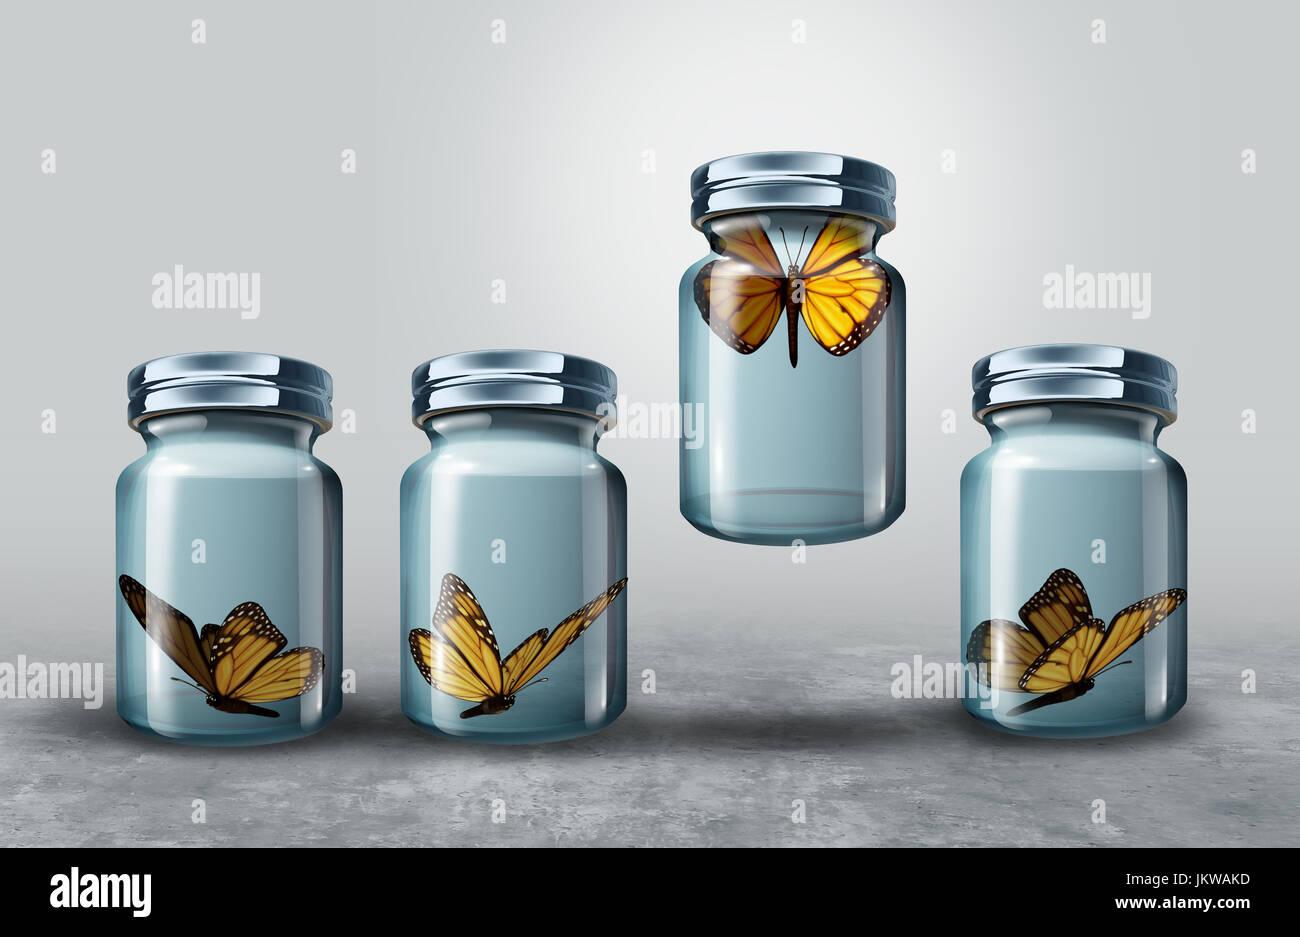 Konzept der Führung und leistungsstarke Business visionäre Metapher als eine Gruppe von ruhenden Schmetterlinge Stockbild